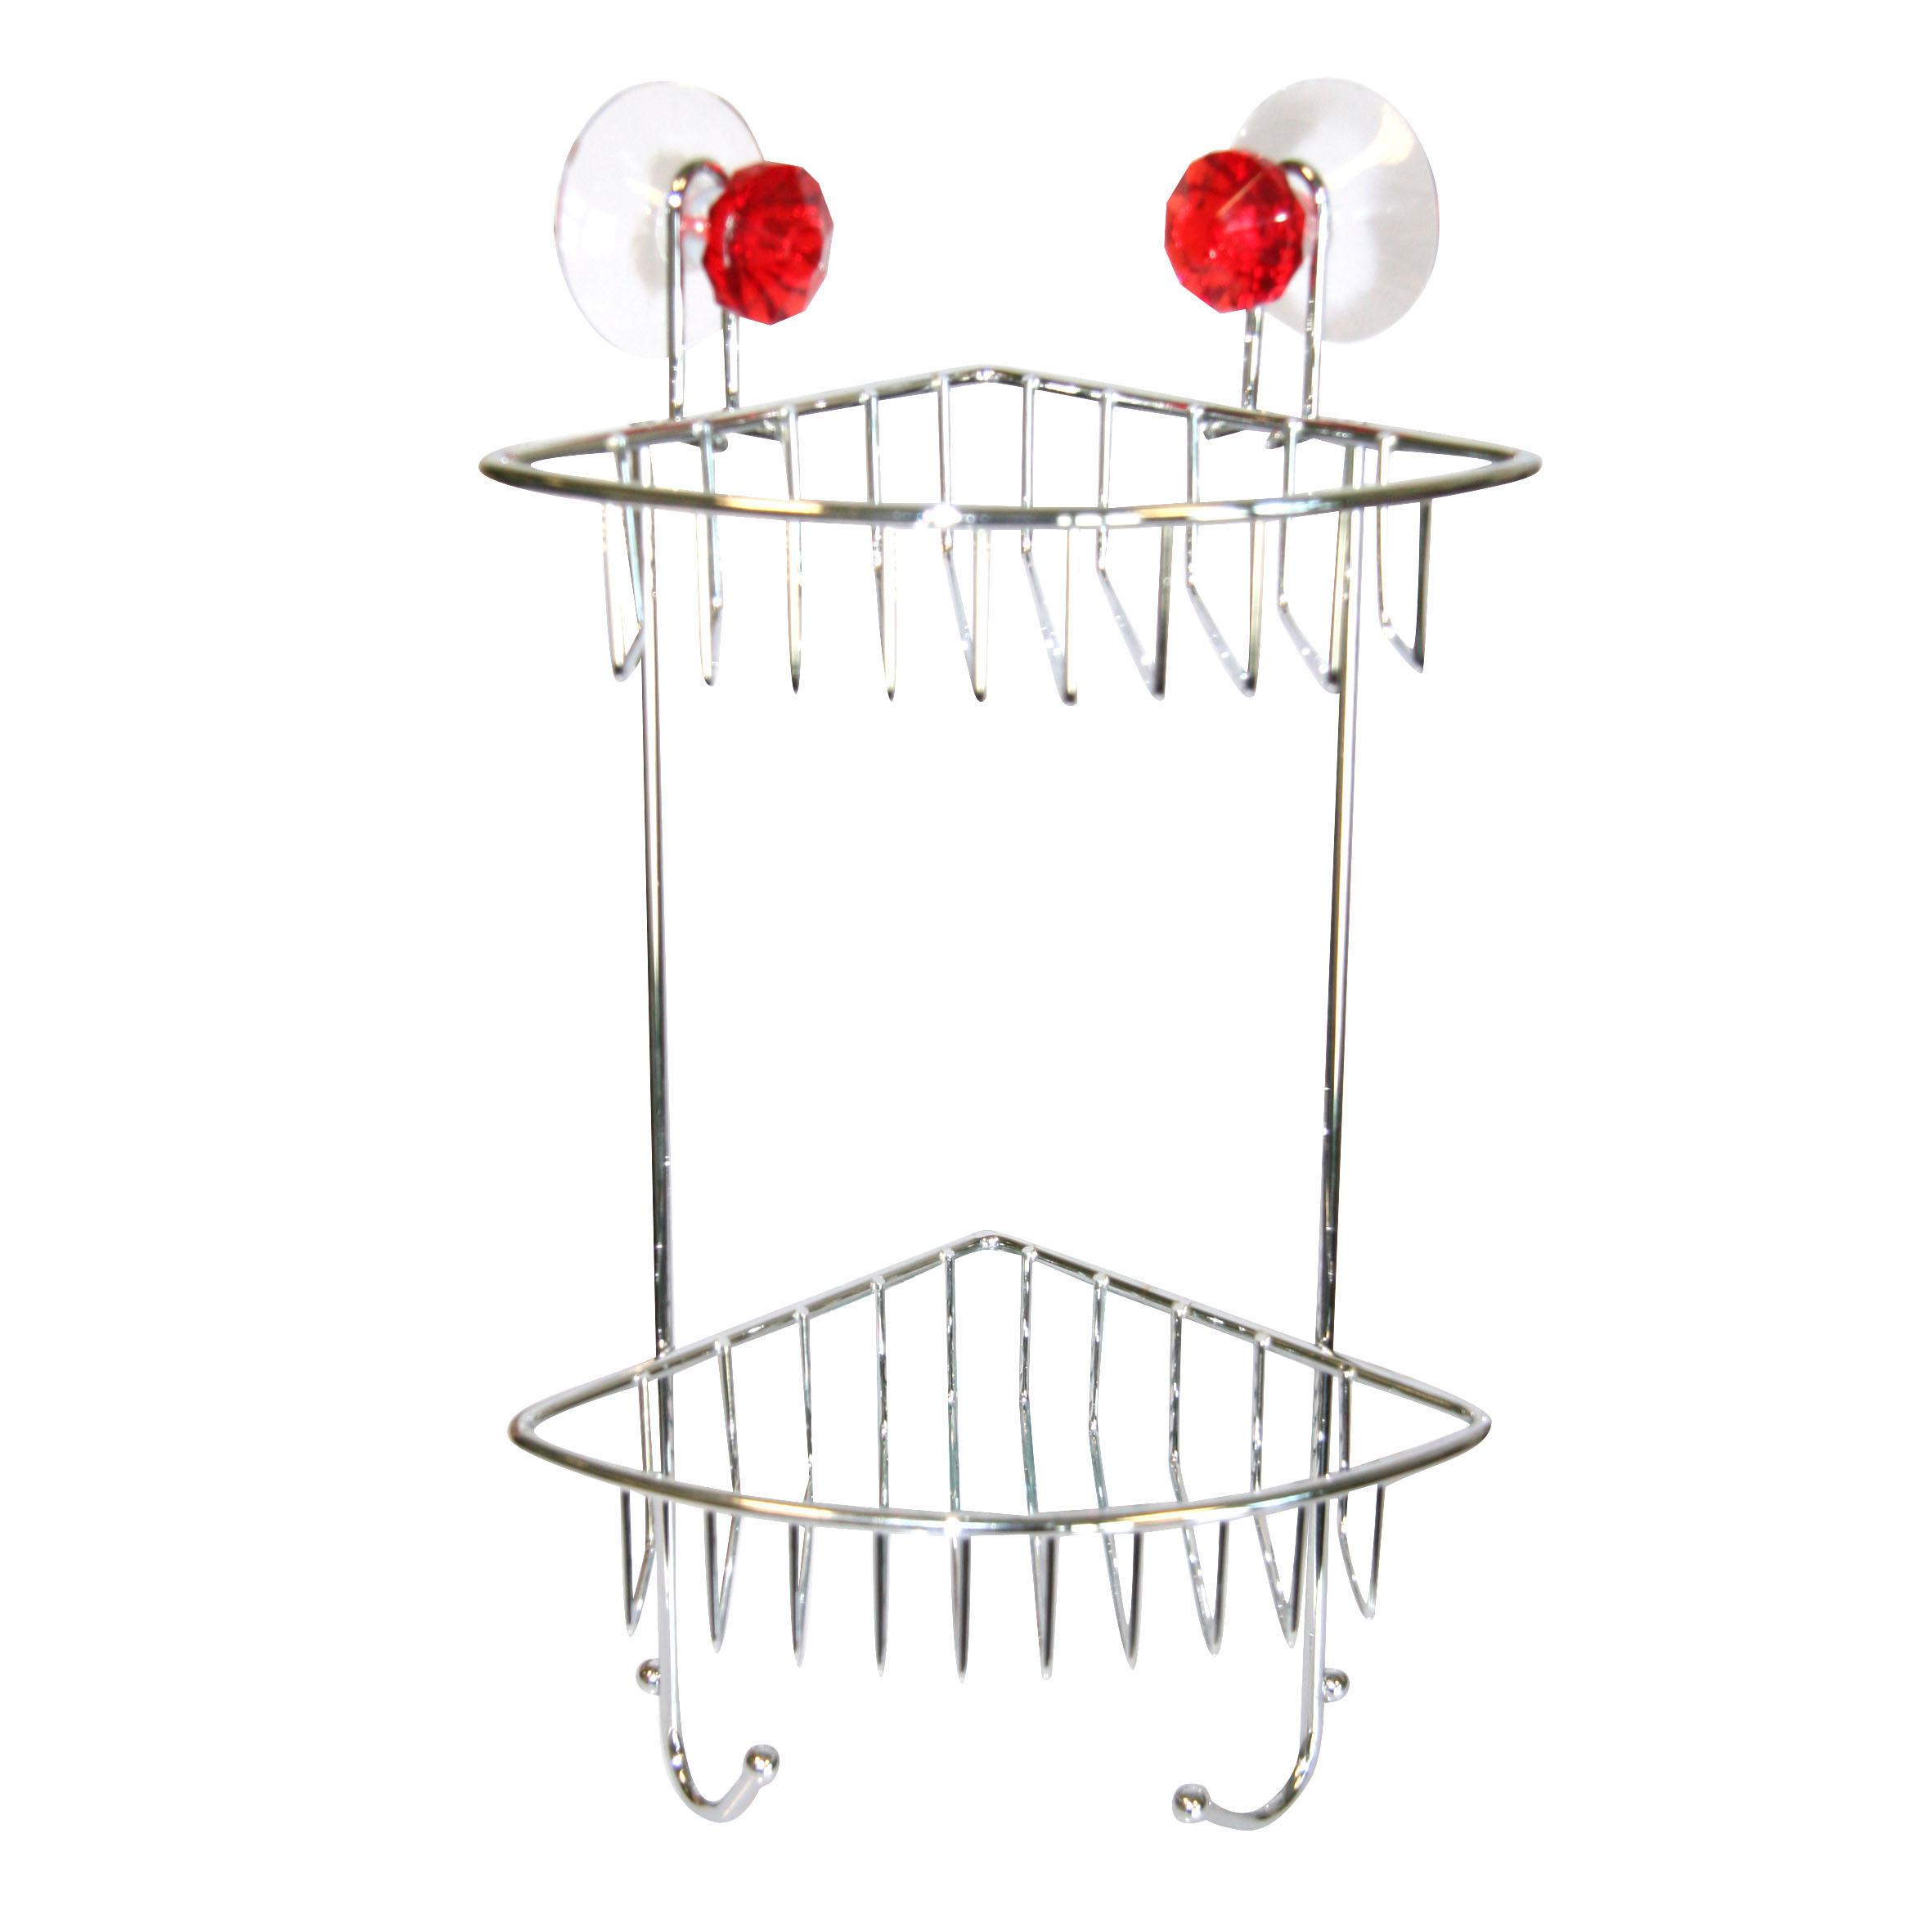 Полка для ванной Top Star Kristall, угловая, двухъярусная, на присосках, цвет: красный, стальной, 14 х 19 х 34 см280884Угловая полка для ванной Top Star Kristall изготовлена из стали с качественным хромированным покрытием, которое надолго защитит изделие от ржавчины в условиях высокой влажности в ванной комнате. Изделие имеет два яруса и крепится к стене с помощью четырех присосок. Снизу расположены два крючка. Благодаря классическому дизайну и оптимальной вместимости такая полка подойдет для любого интерьера ванной комнаты или кухни.